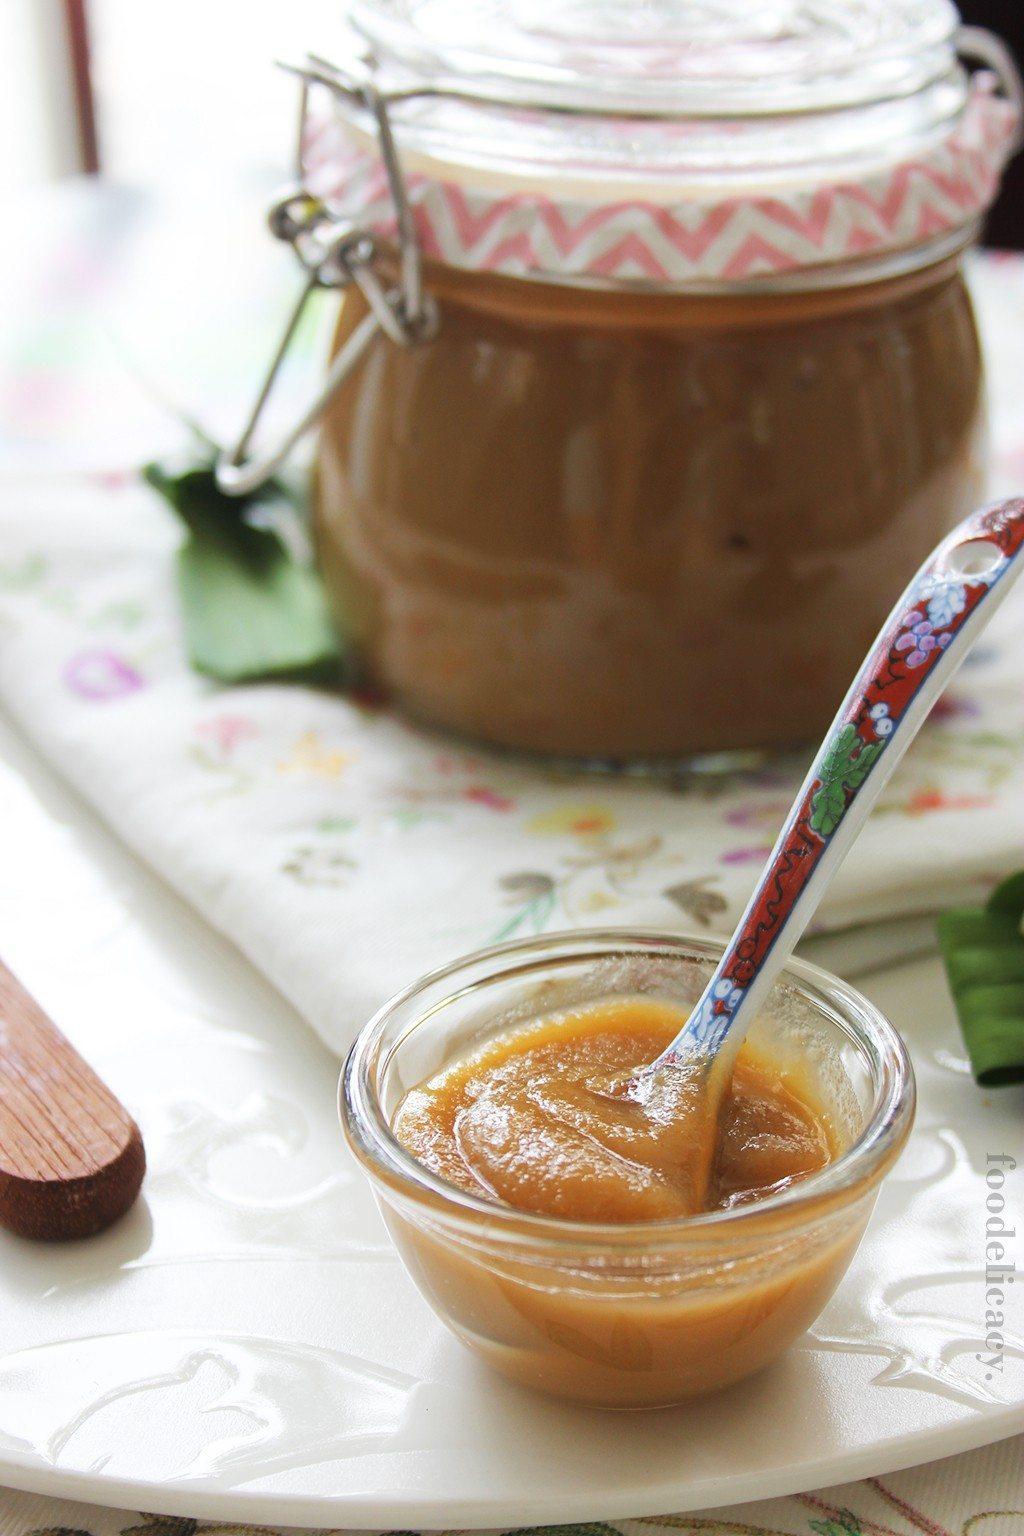 hainanese kaya (coconut jam)